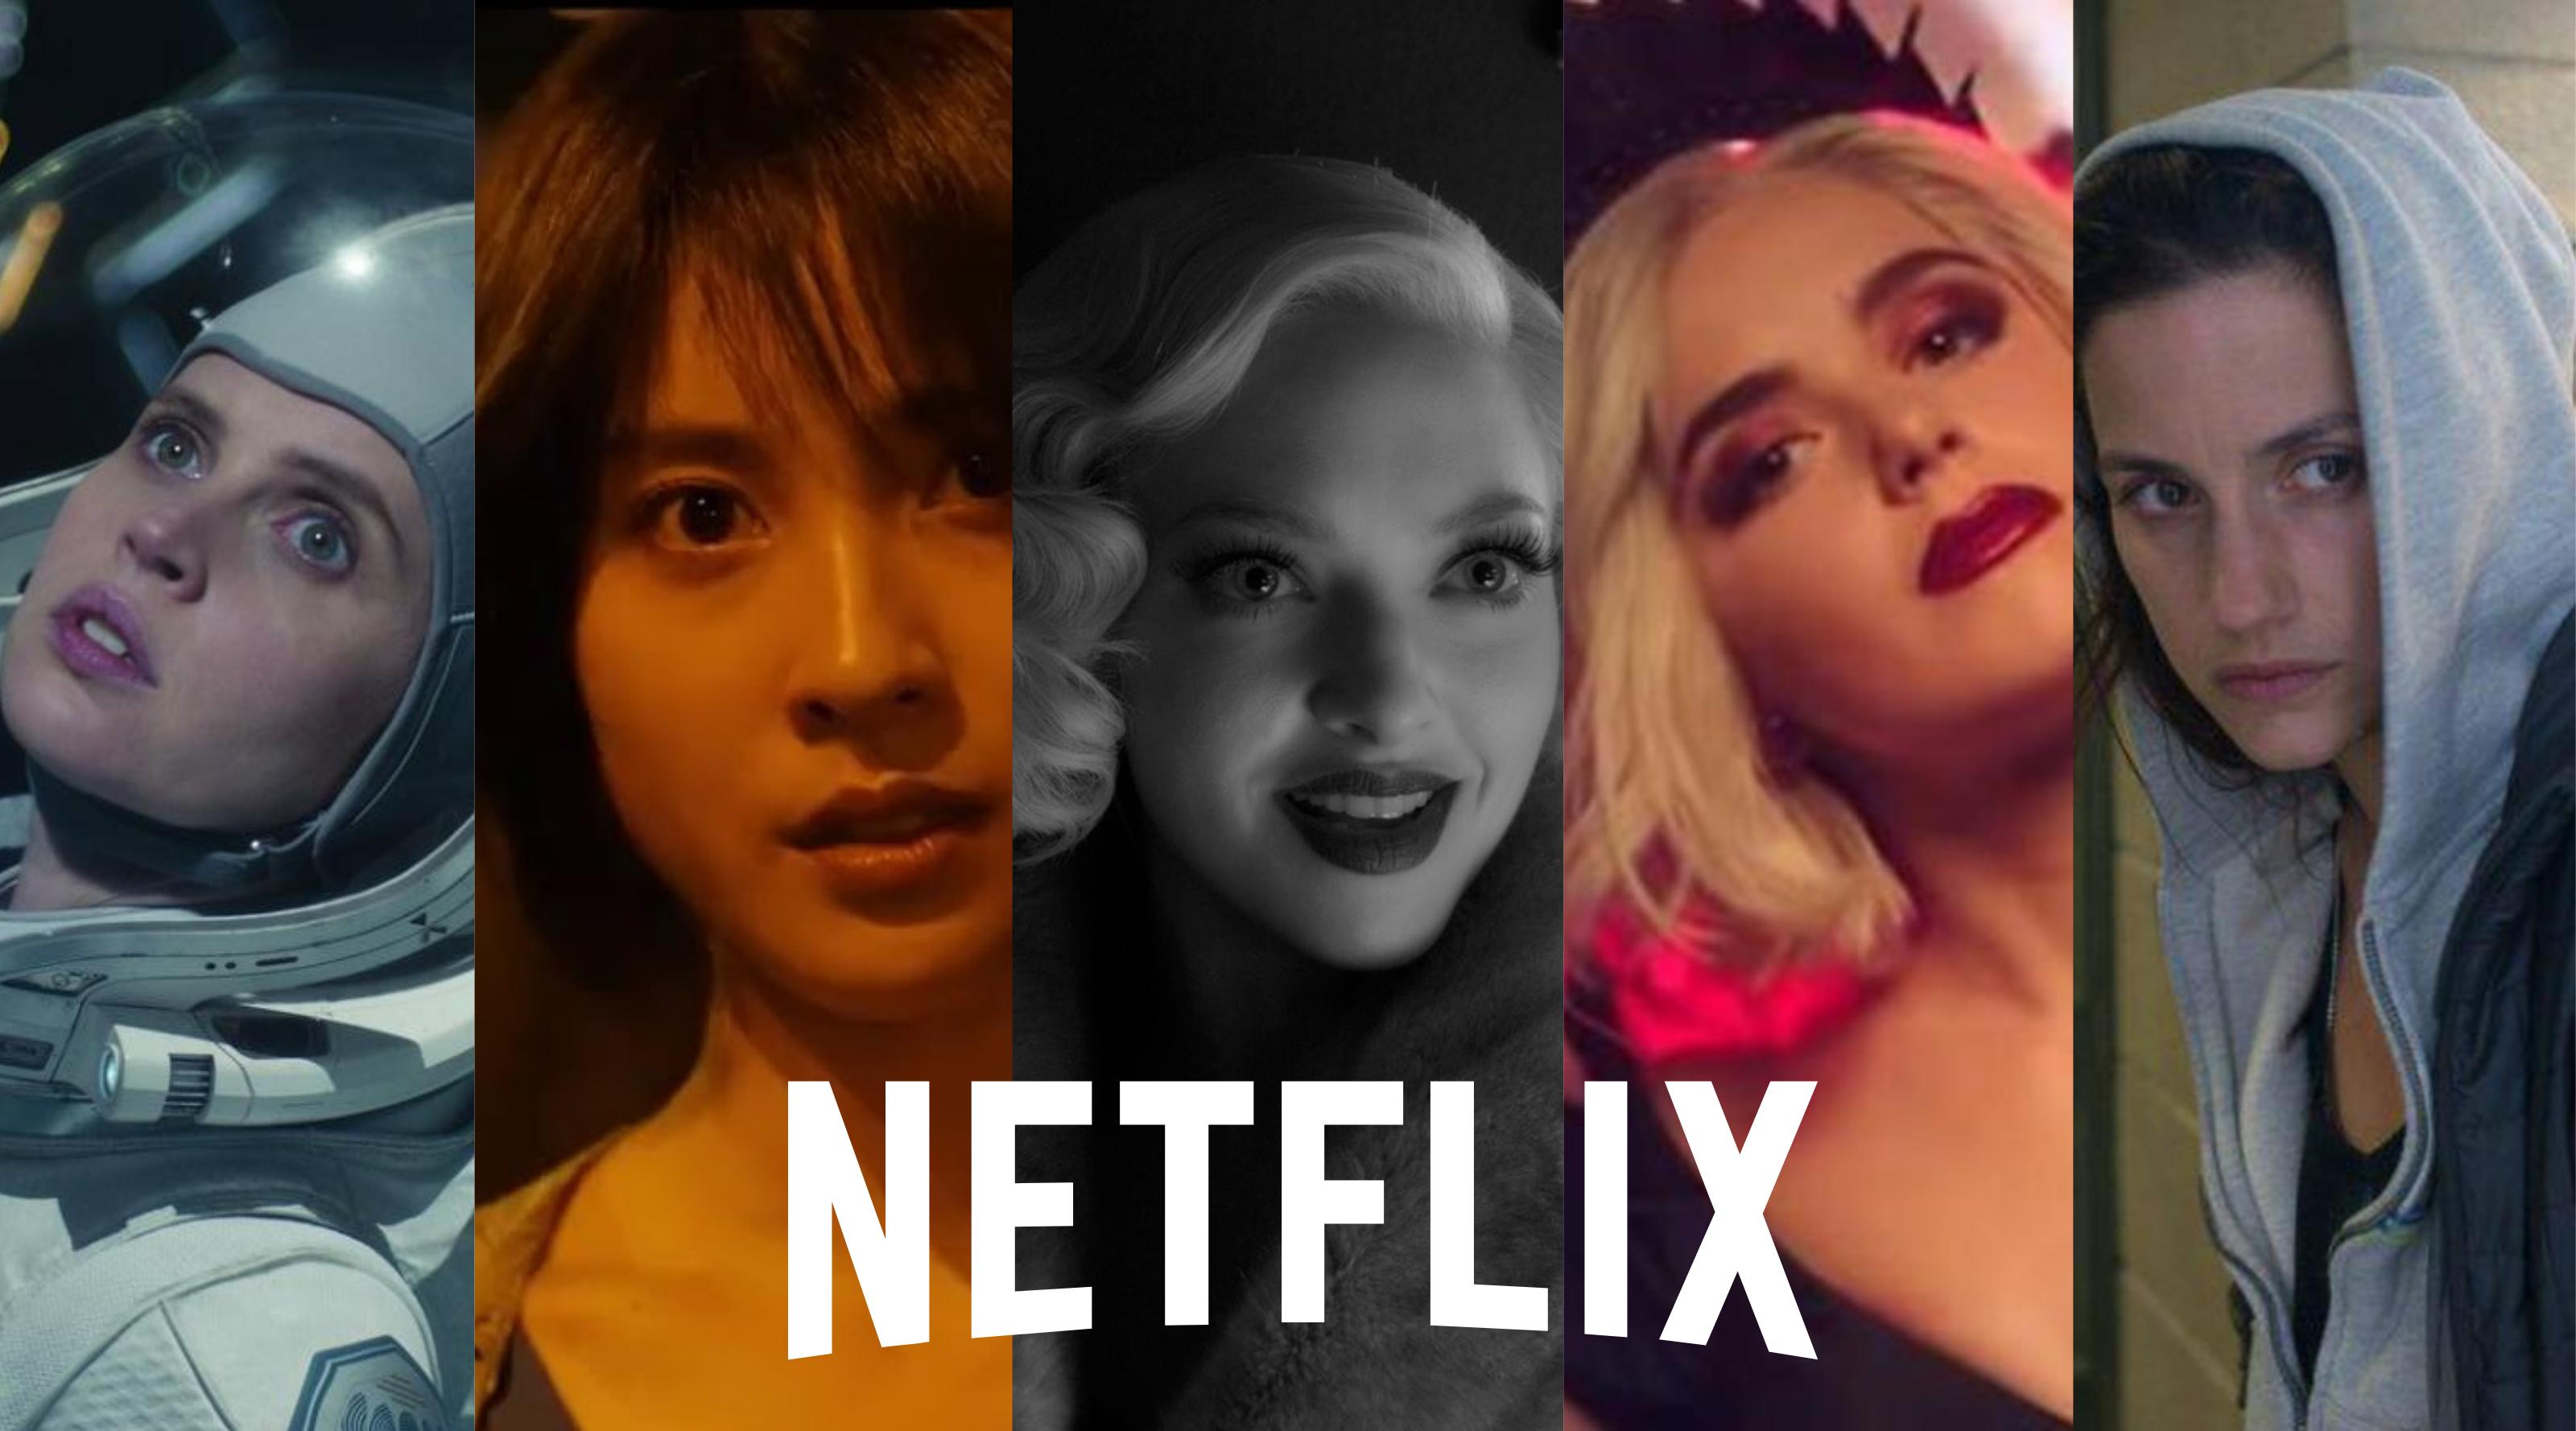 Estrenos Netflix Diciembre 2020: tienes que ver estas producciones originales